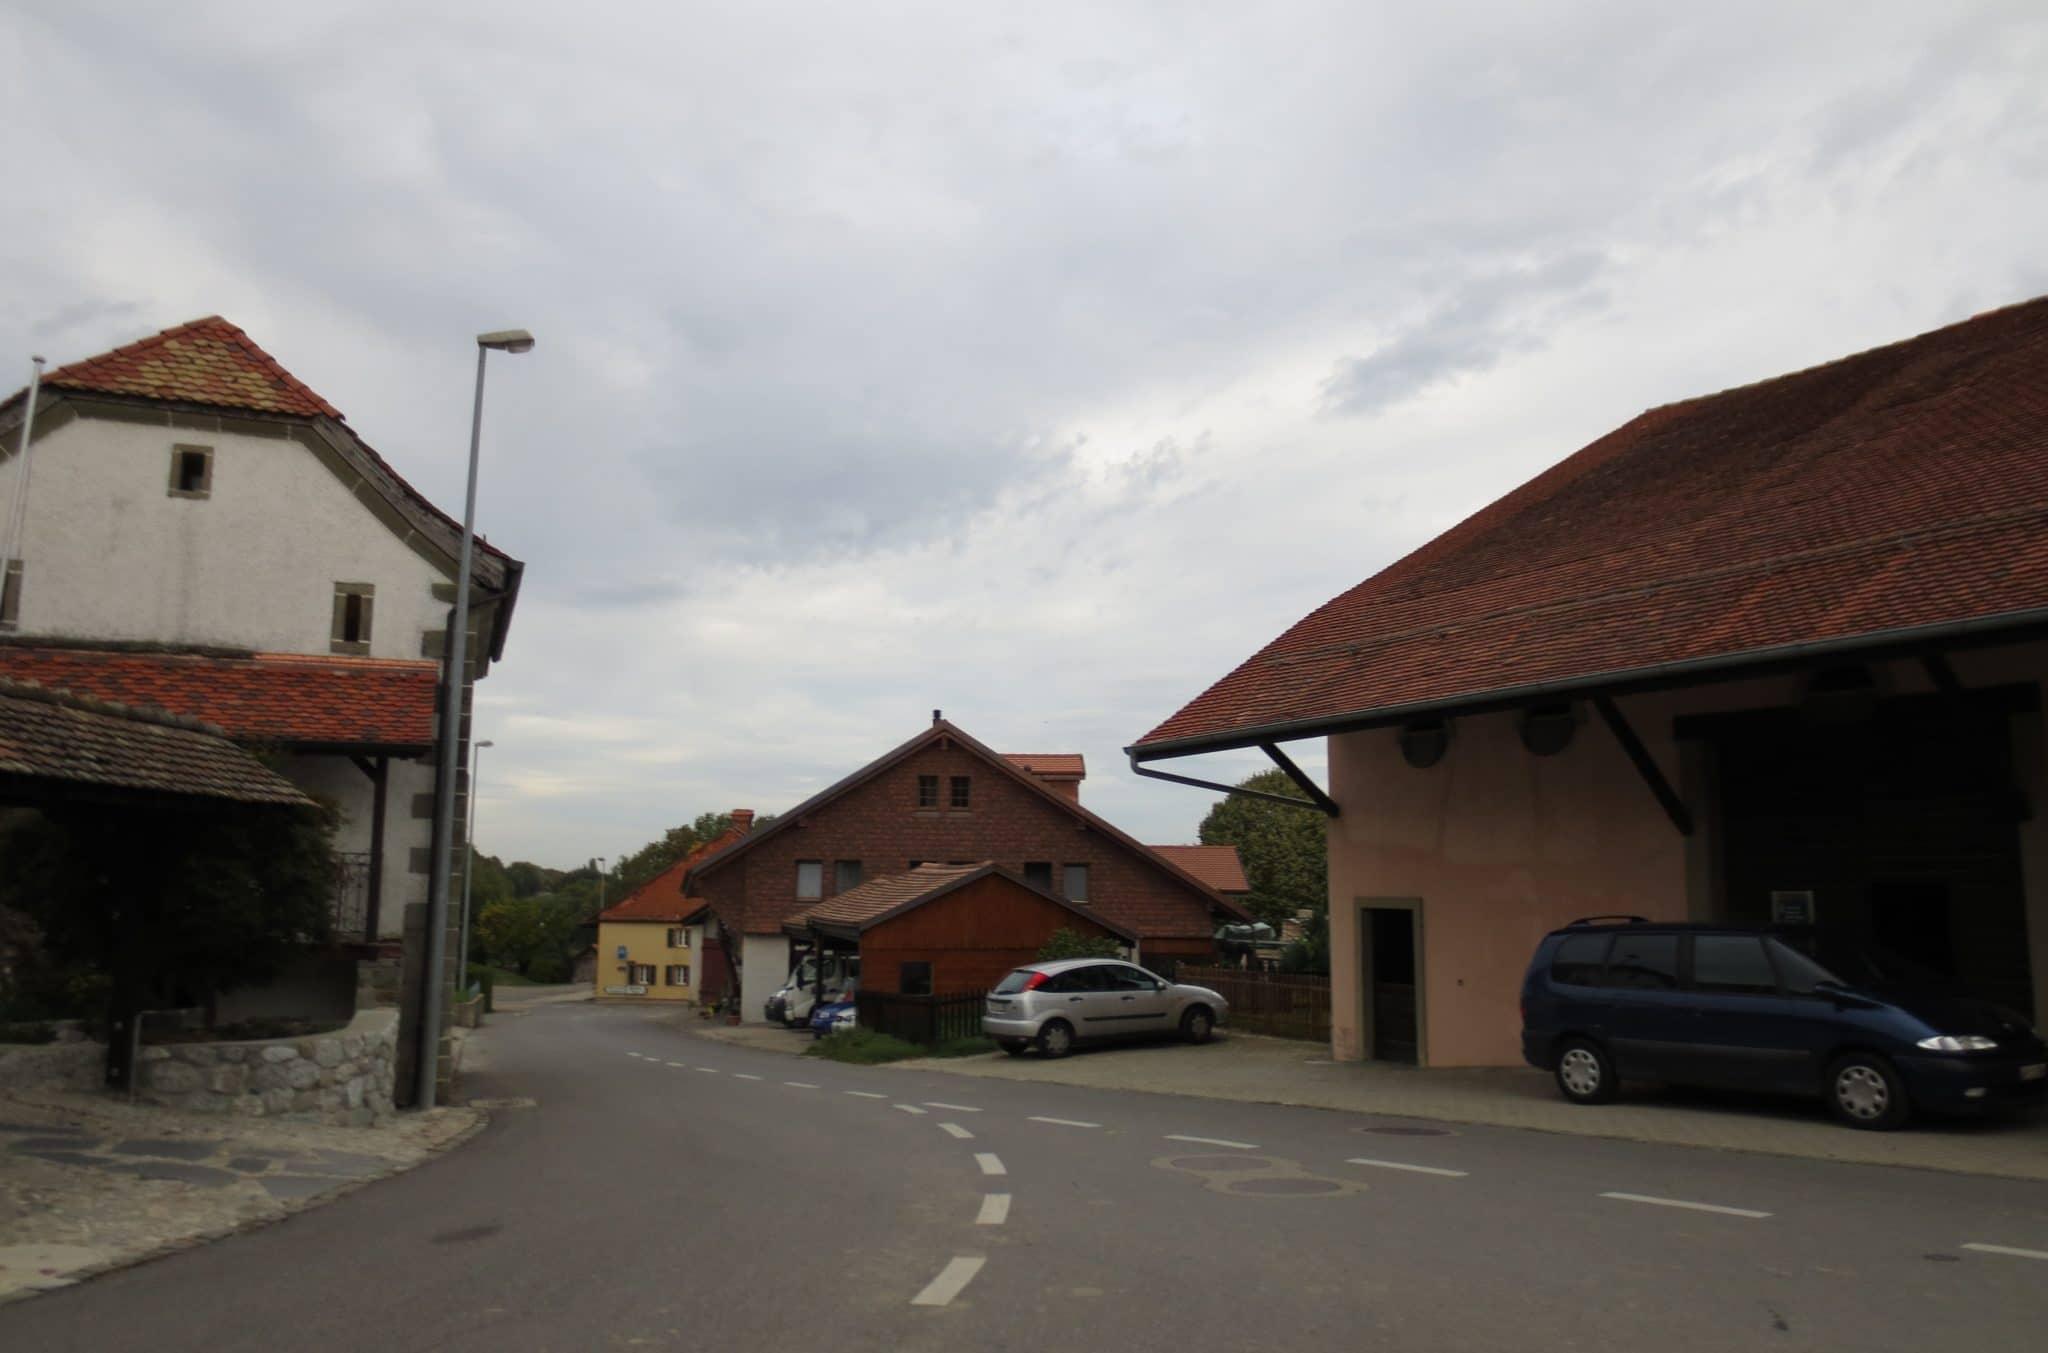 Corcelles-le-Jorat